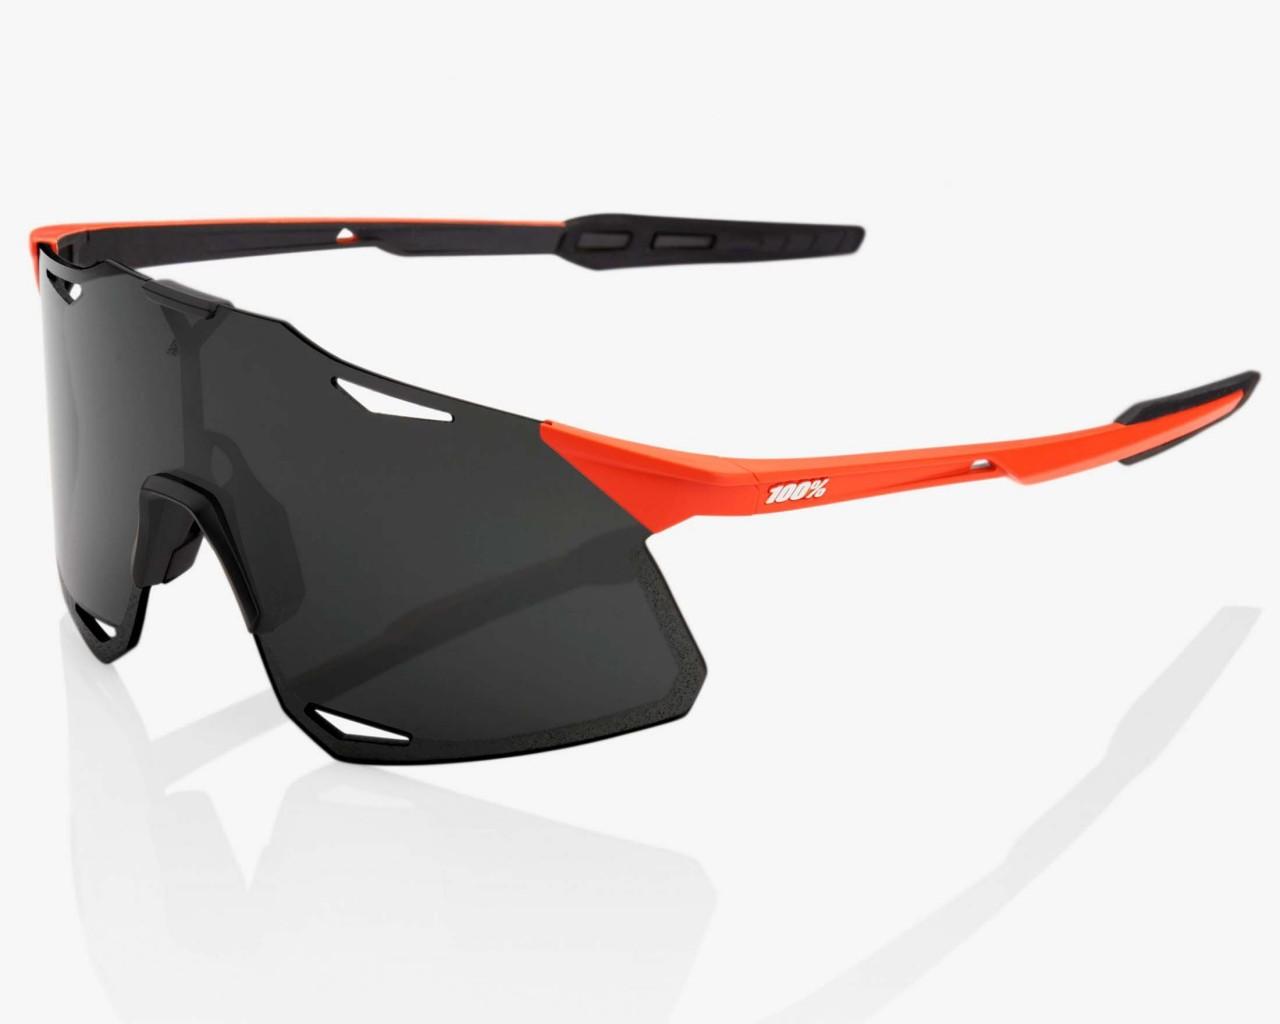 100% Hypercraft Smoke Lens Sonnenbrille | matte Oxyfire